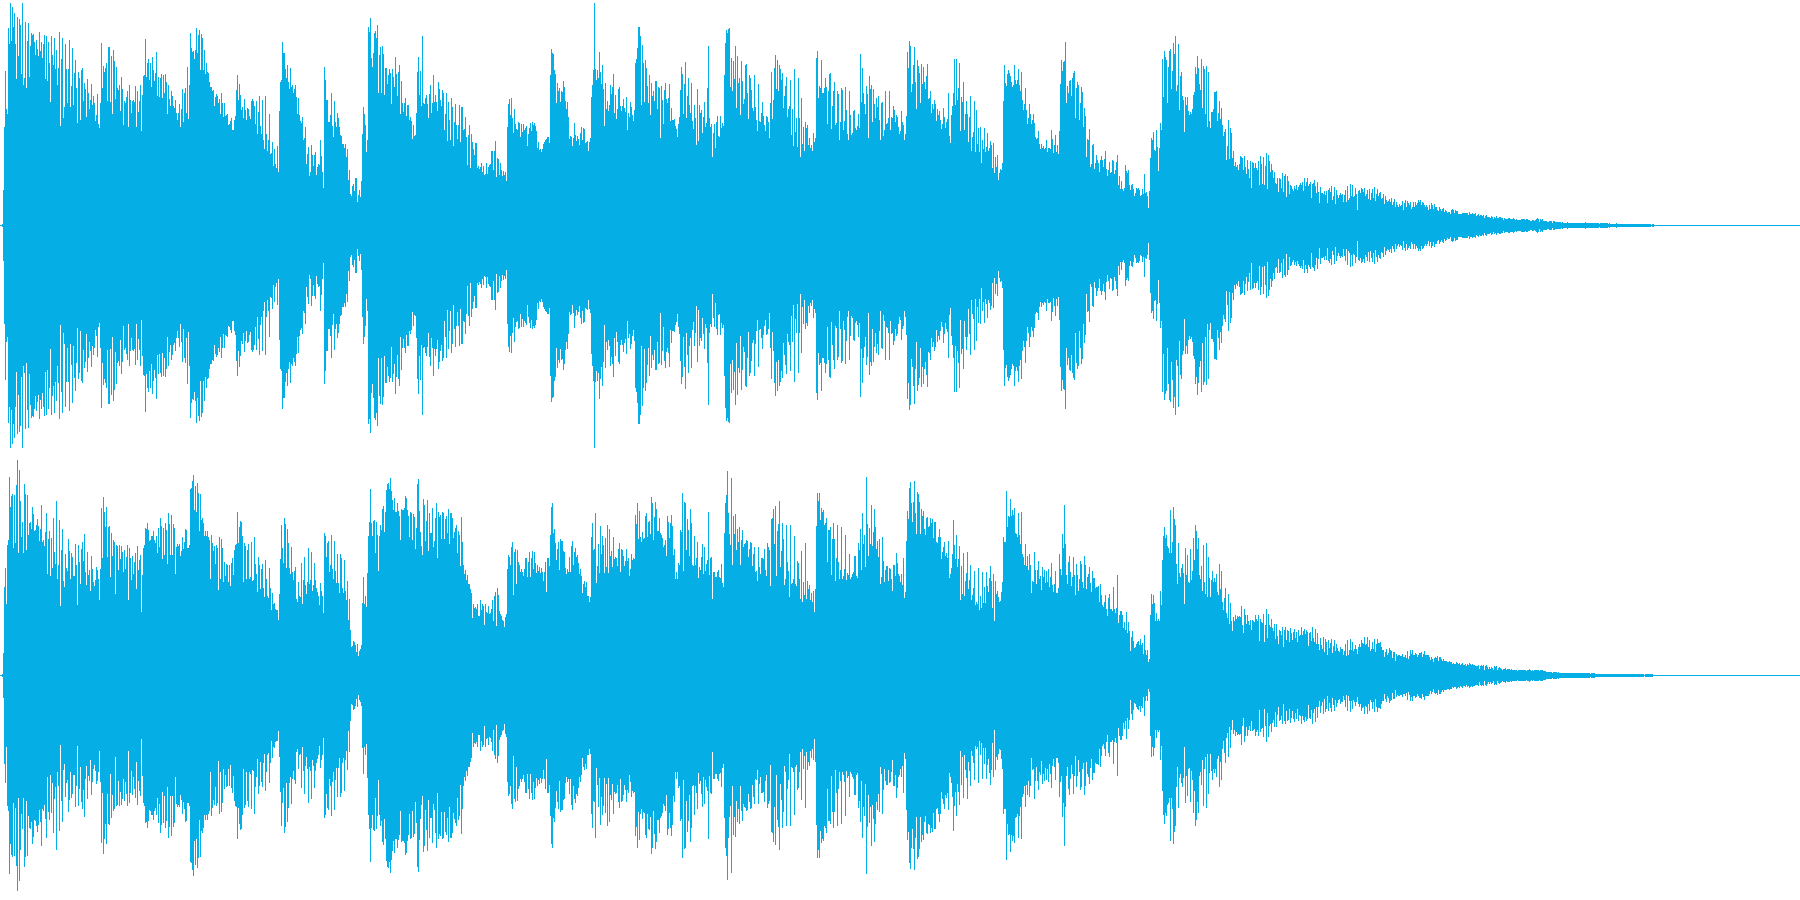 ギターとピアノによる15秒のジングル曲の再生済みの波形